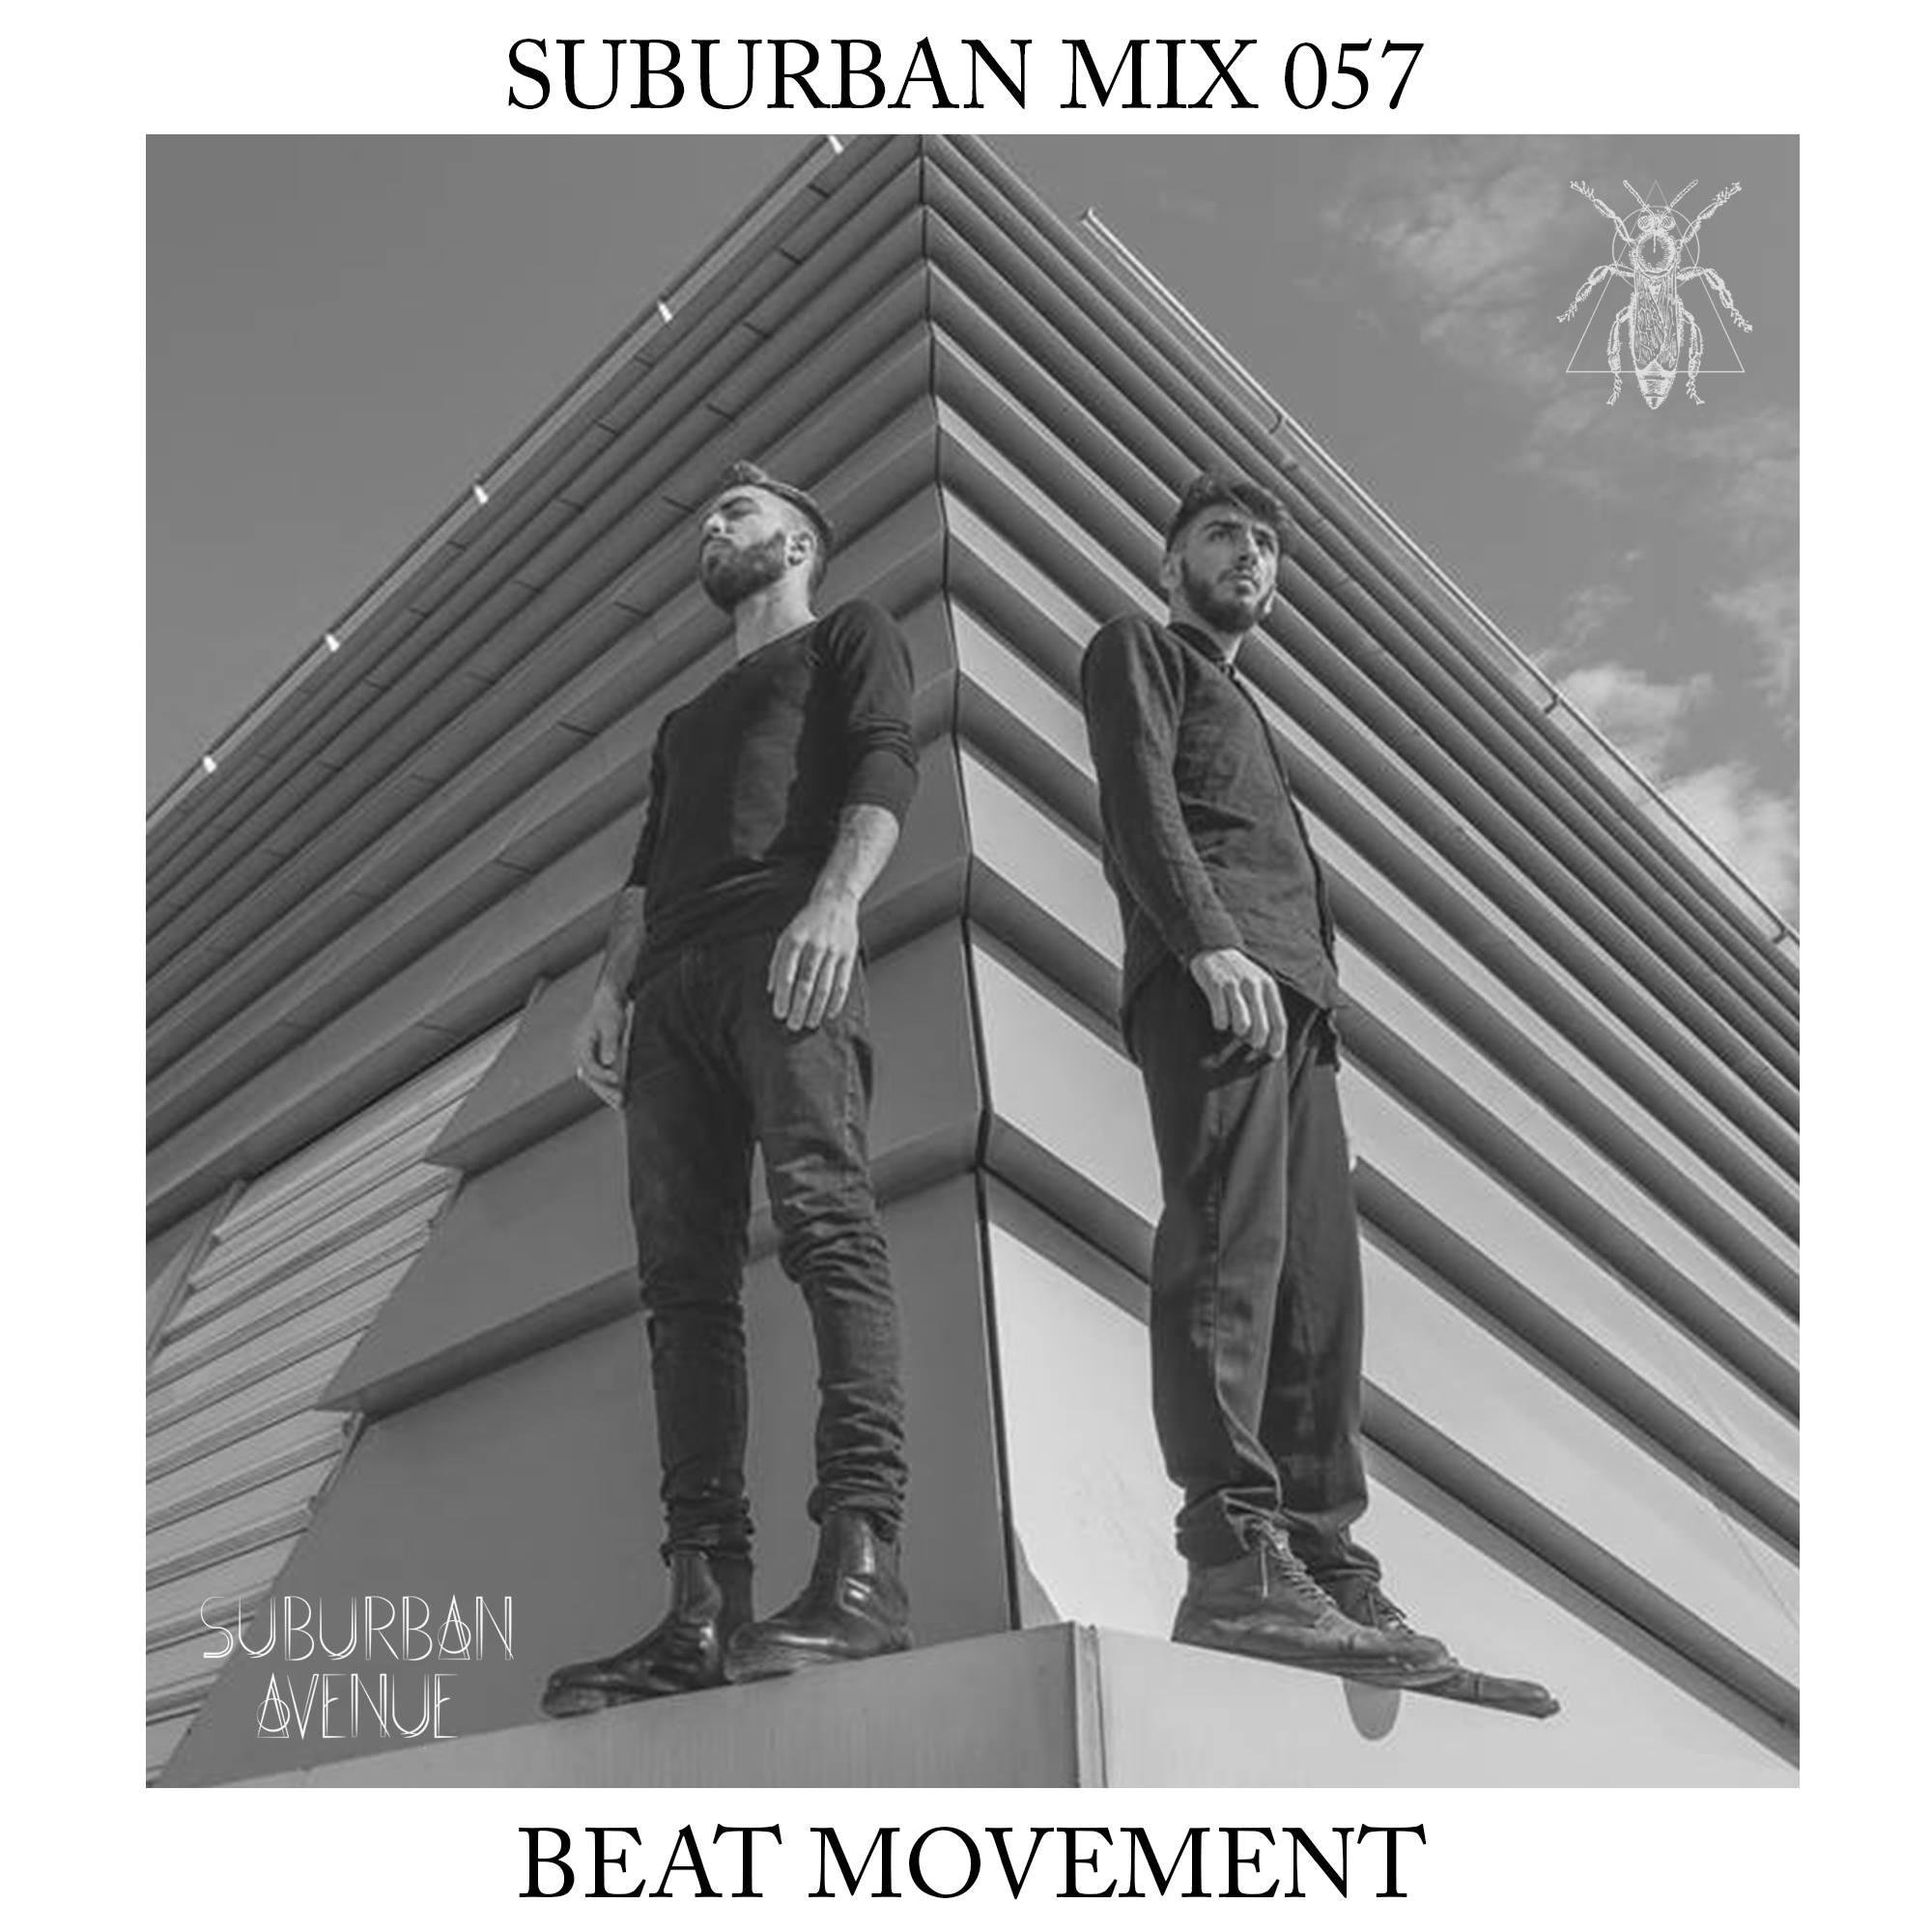 Suburban Mix 057 - Beat Movement